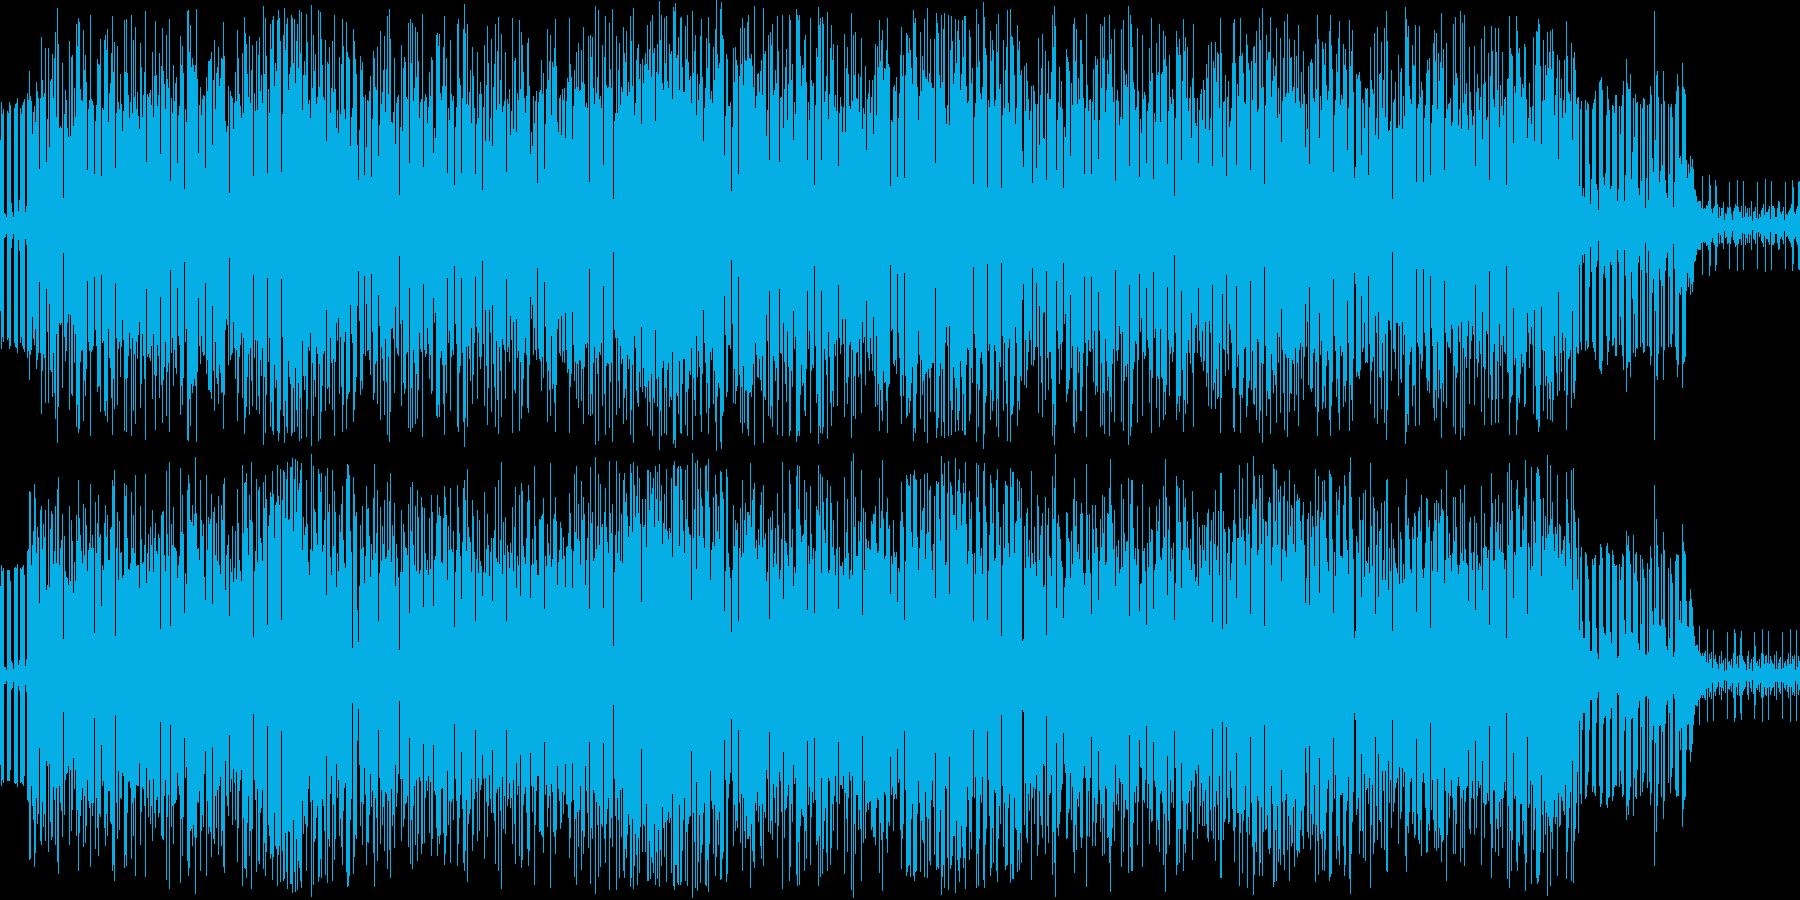 落ち着いた雰囲気のシーンに最適な楽曲ですの再生済みの波形